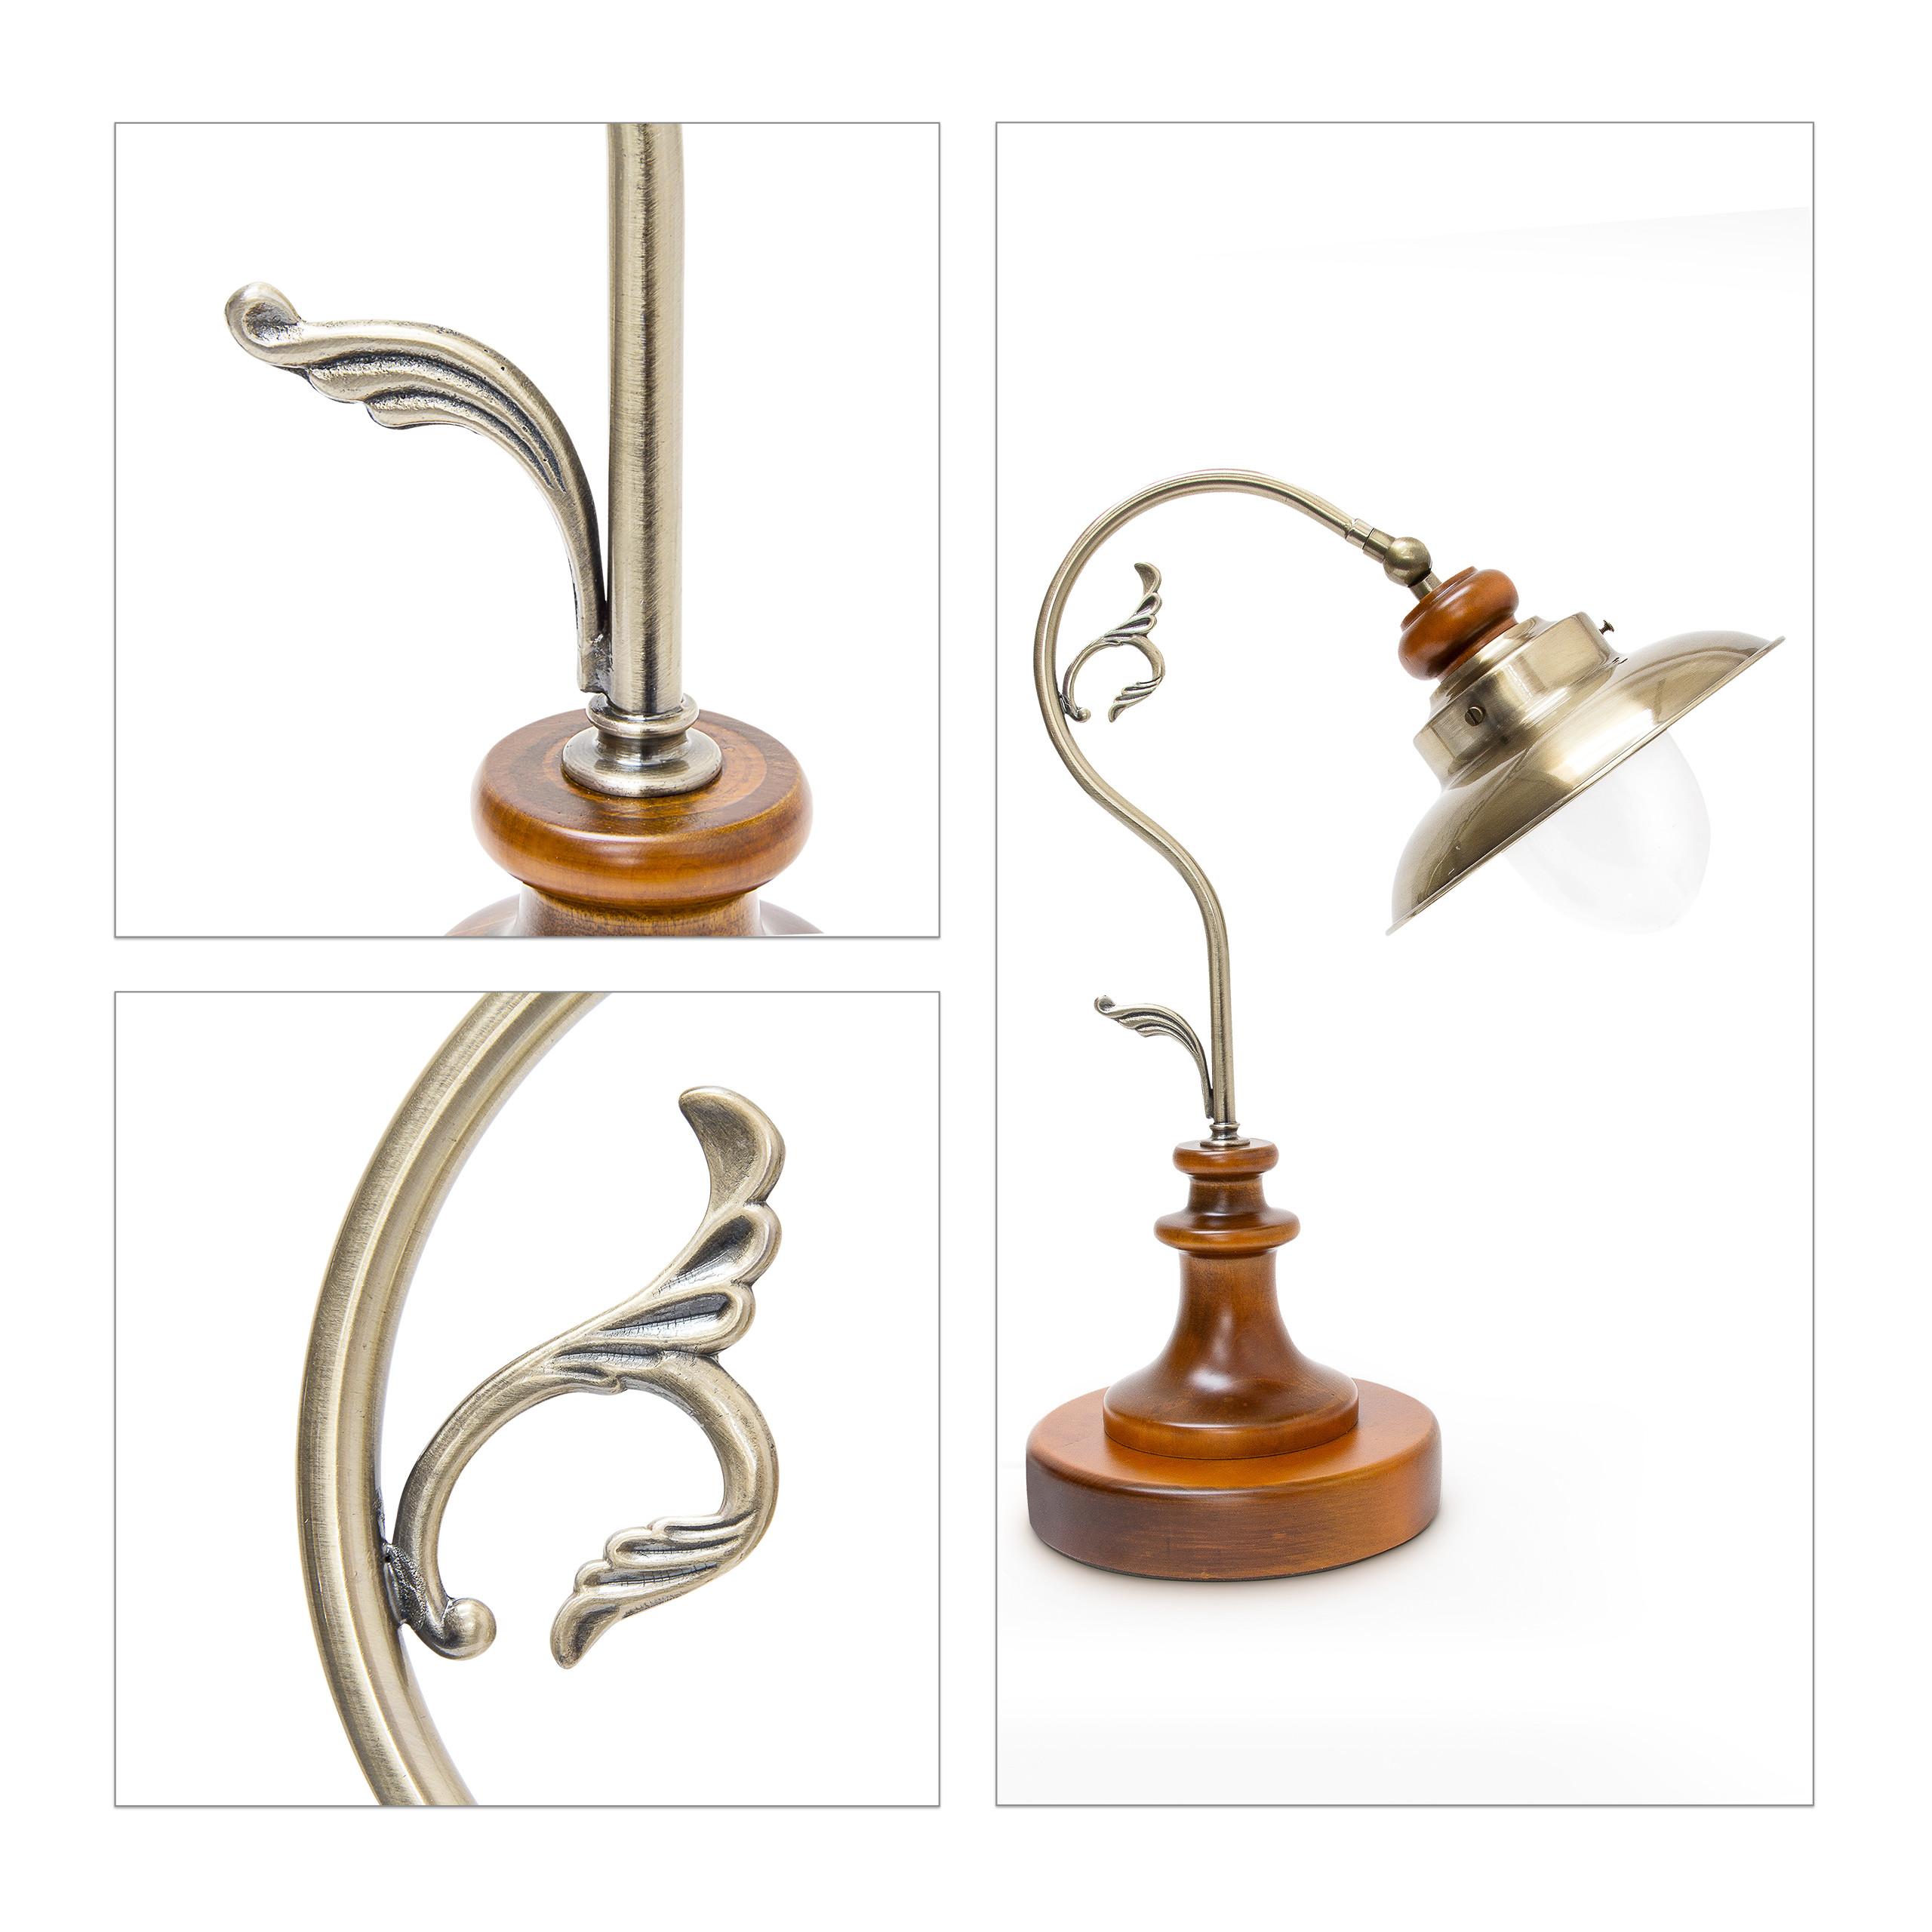 Indexbild 6 - Tischlampe Tischleuchte Schreibtischlampe Steampunk Vintage Design Retro